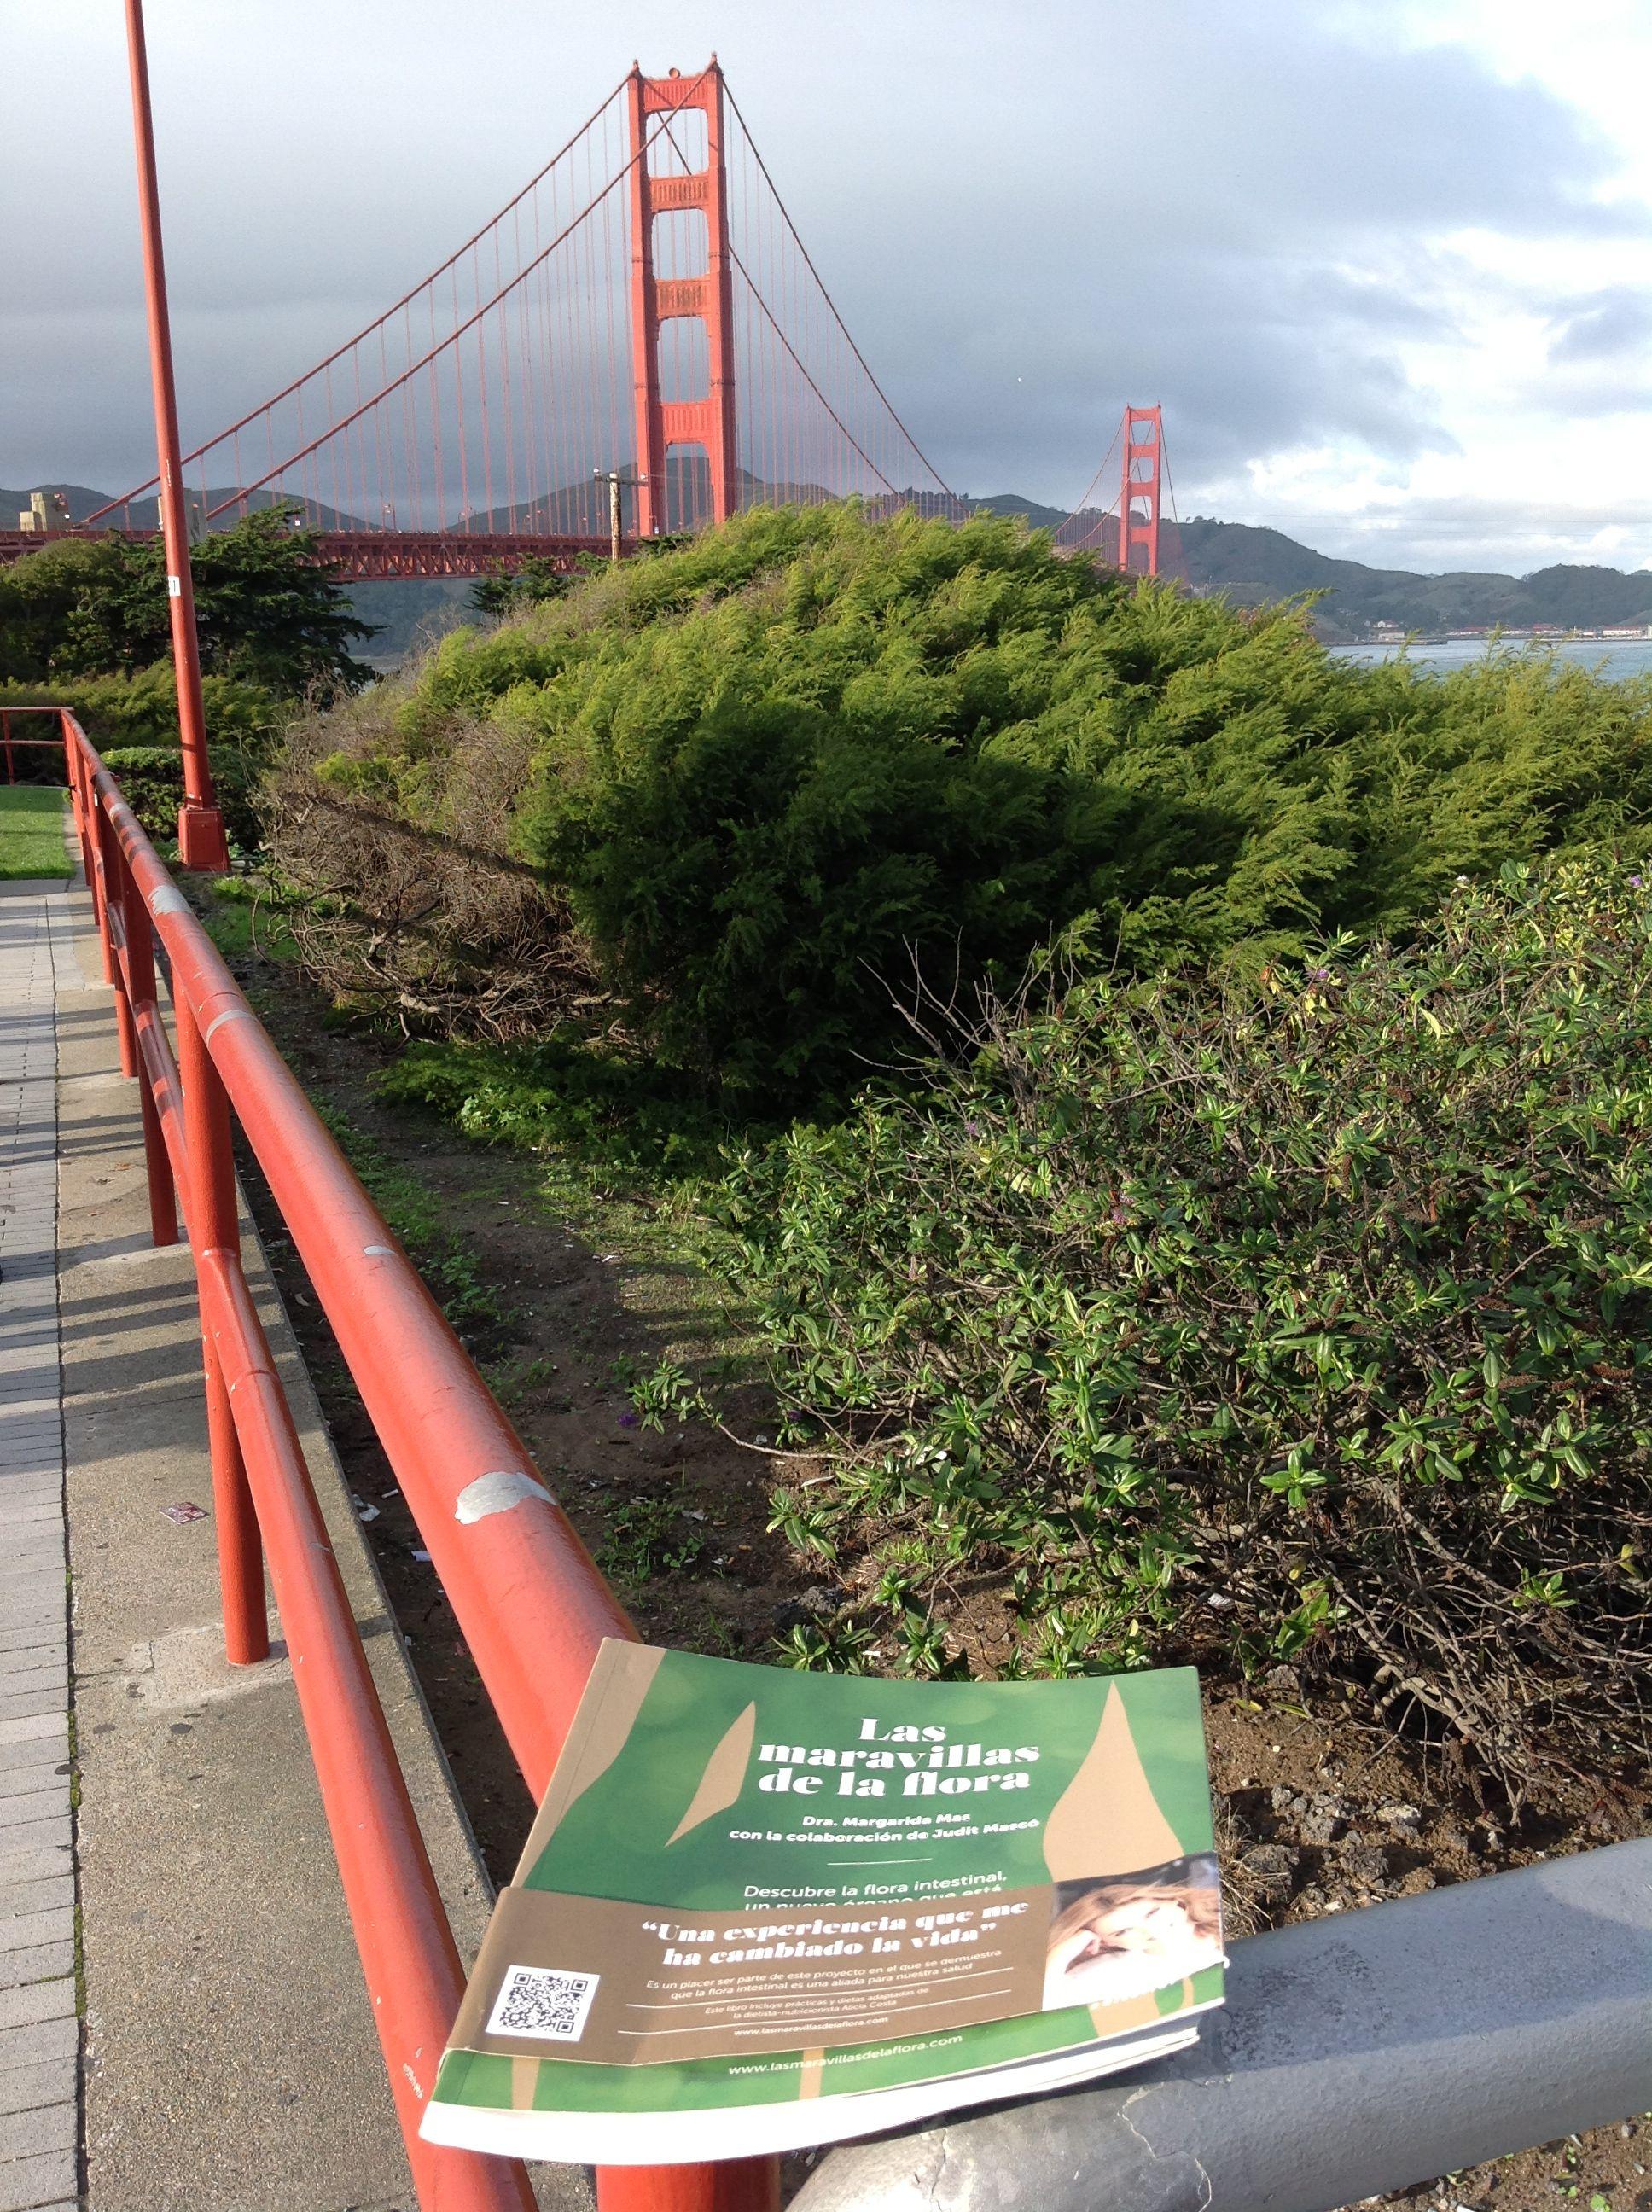 Eso si es un regalo de Navidad. Un detalle que me mandan desde el puente Golden Gate de San Francisco. #LasMaravillasdeLaFlora se van de viaje. Gracias Javi!